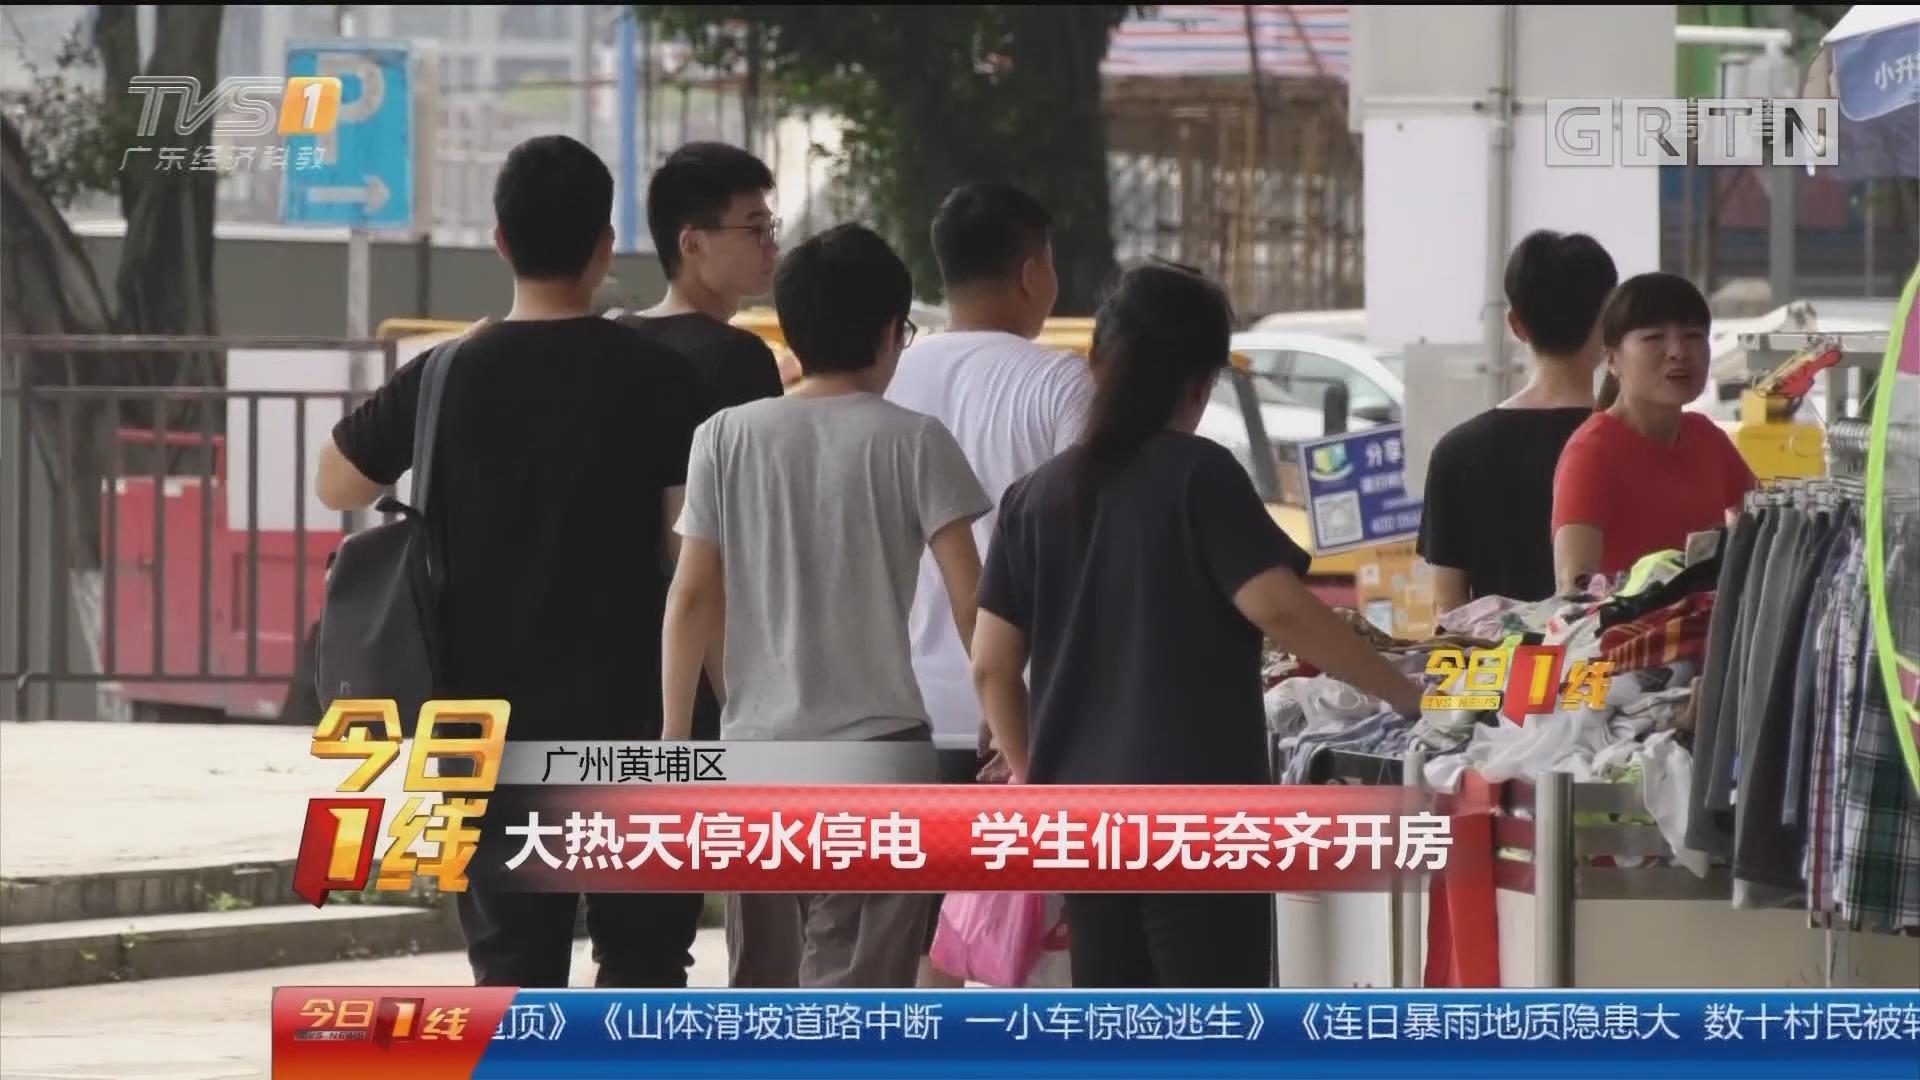 广州黄埔区:大热天停水停电 学生们无奈齐开房